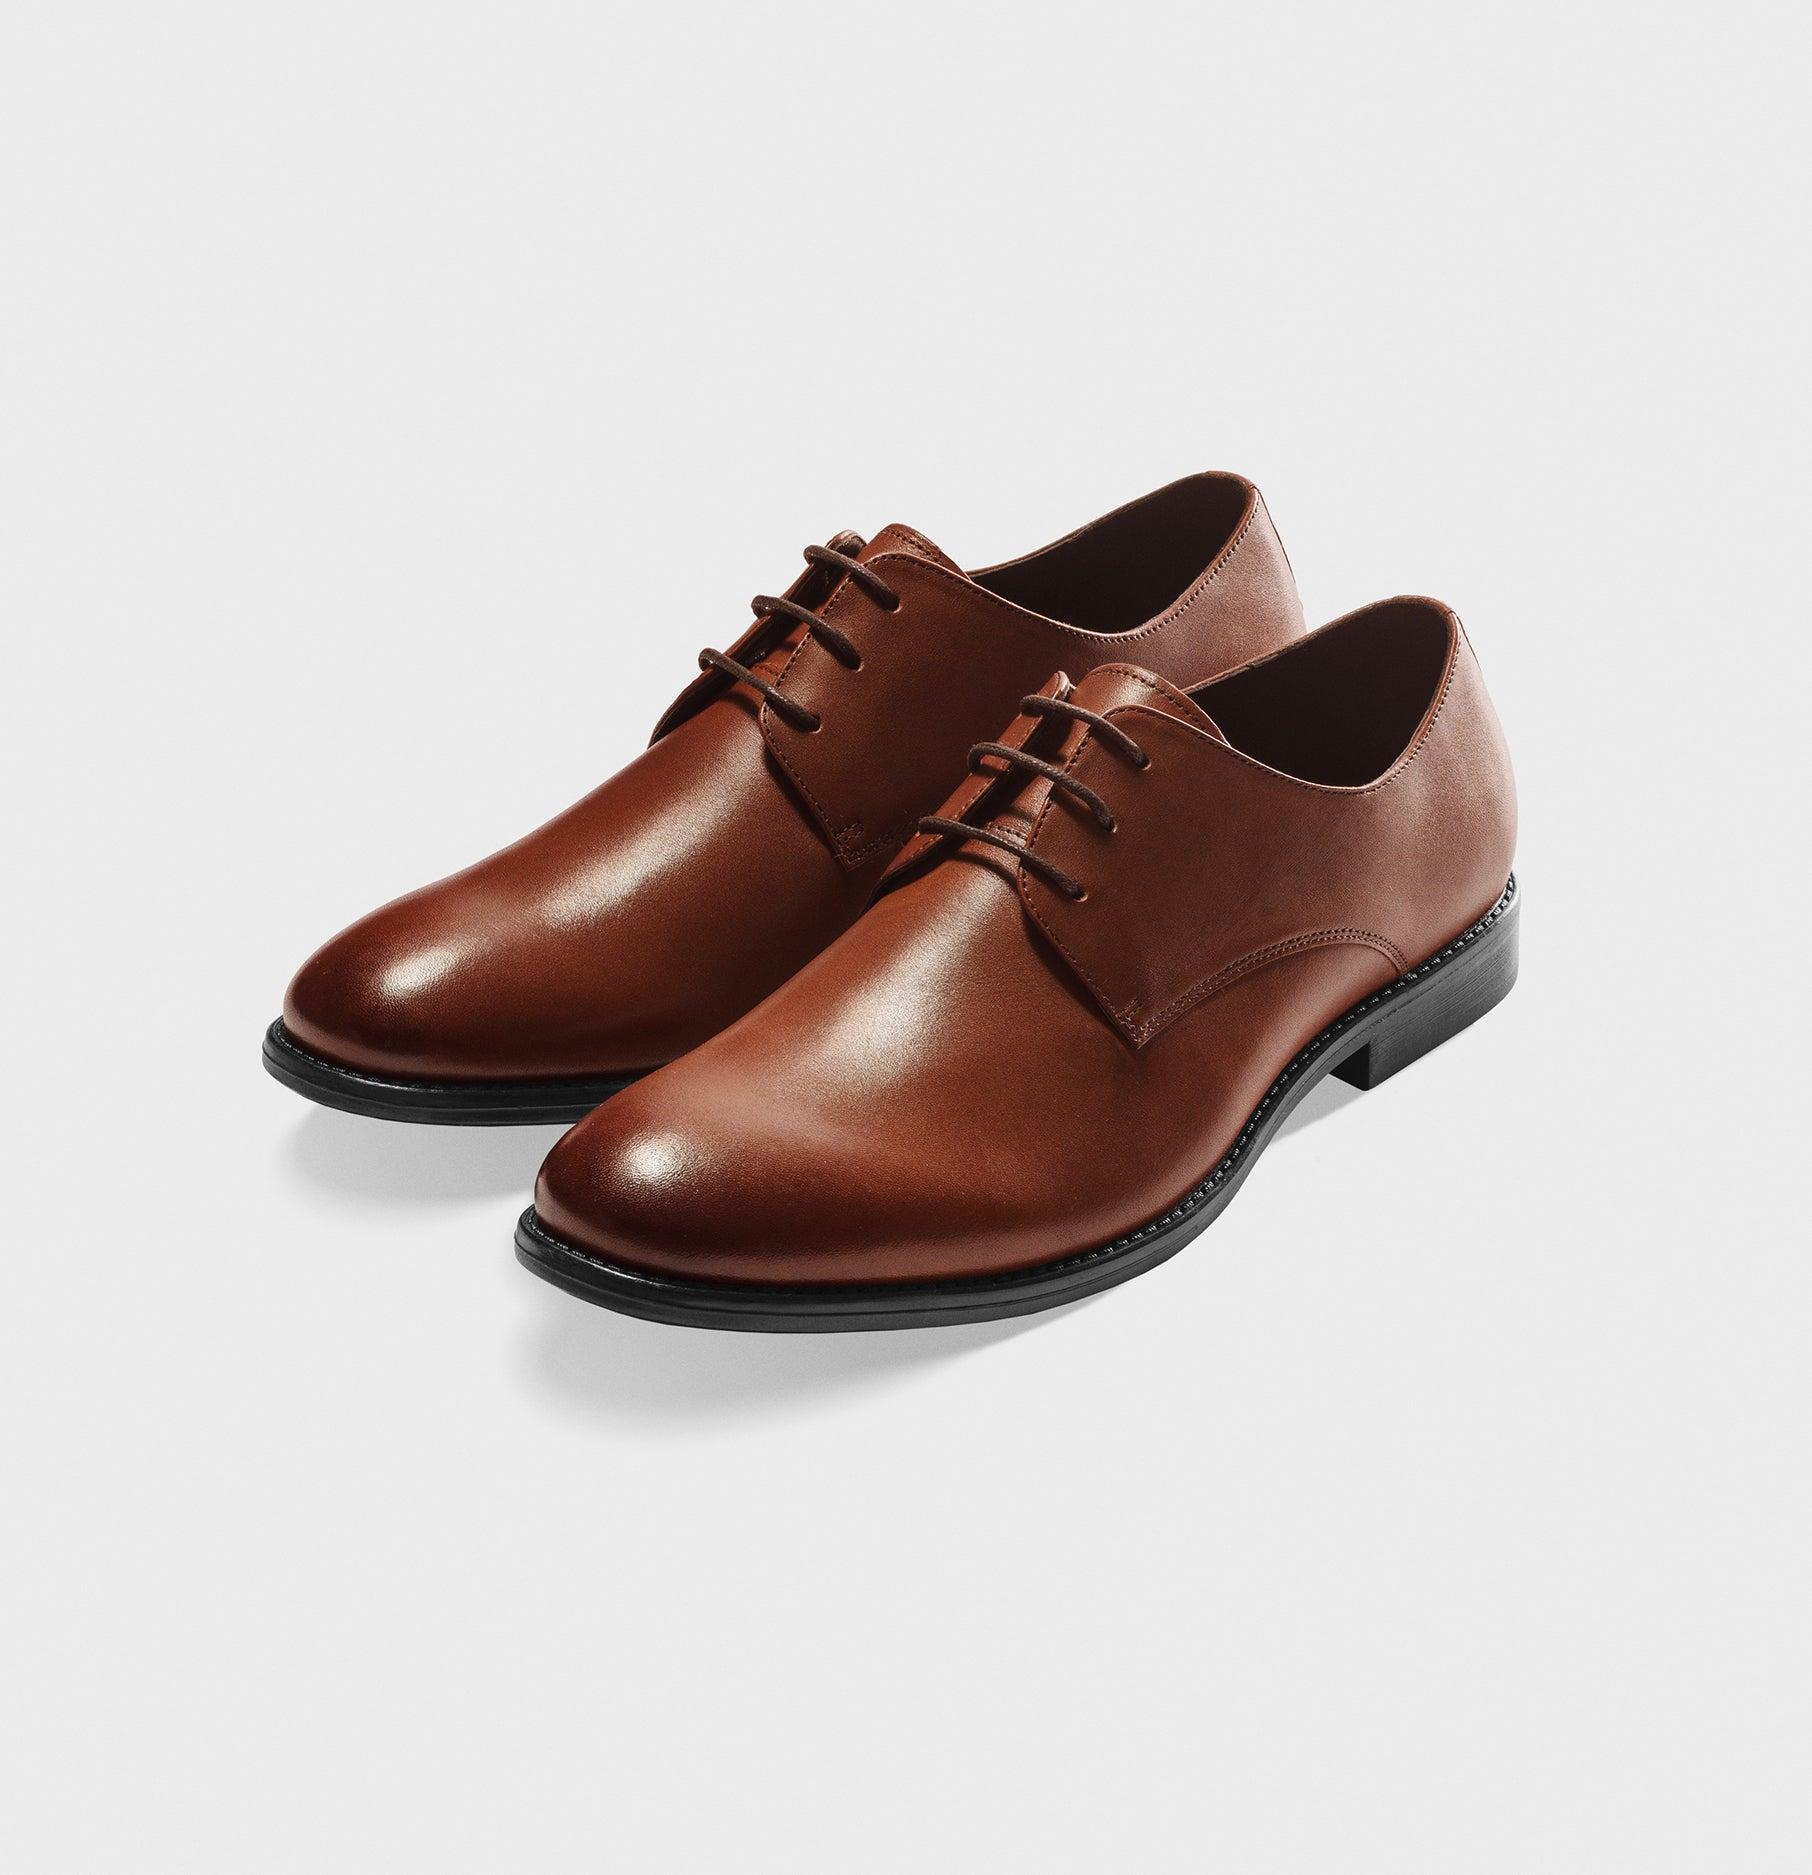 Brown Leather Shoes  332d7d703c8d